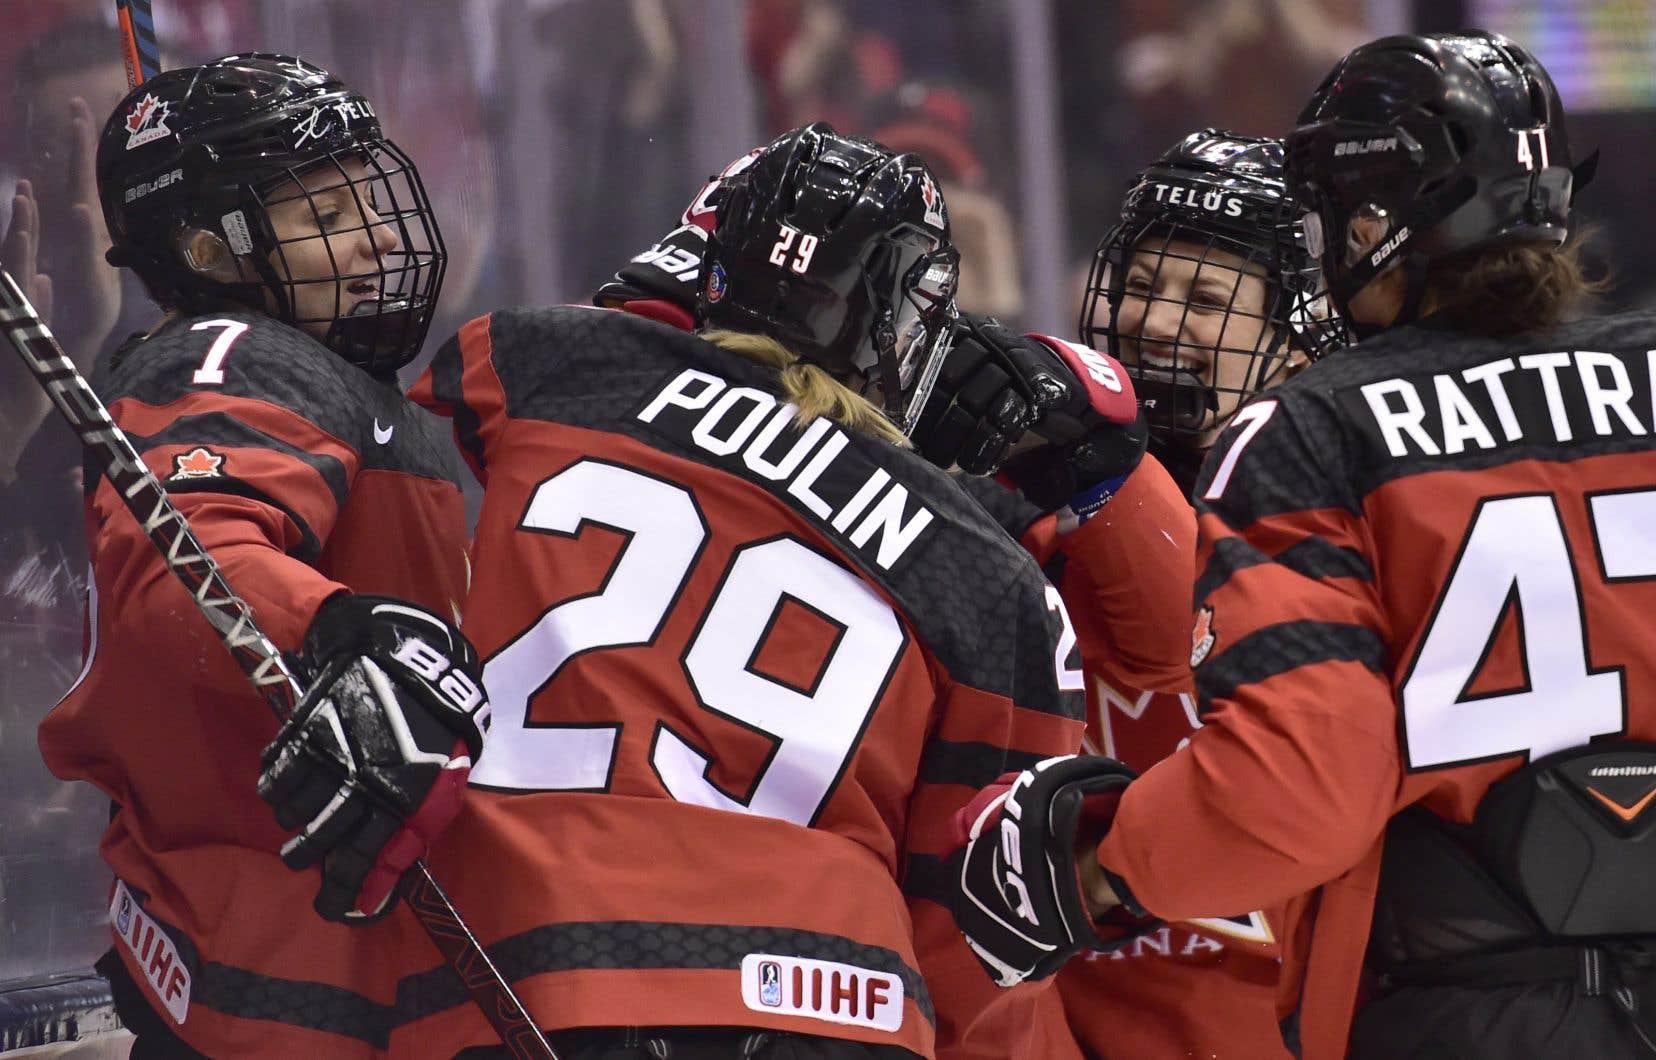 Plusieurs ont suggéré qu'une seule ligue professionnelle féminine soit en activité en Amérique du Nord. Mais est-ce que le hockey féminin est prêt?